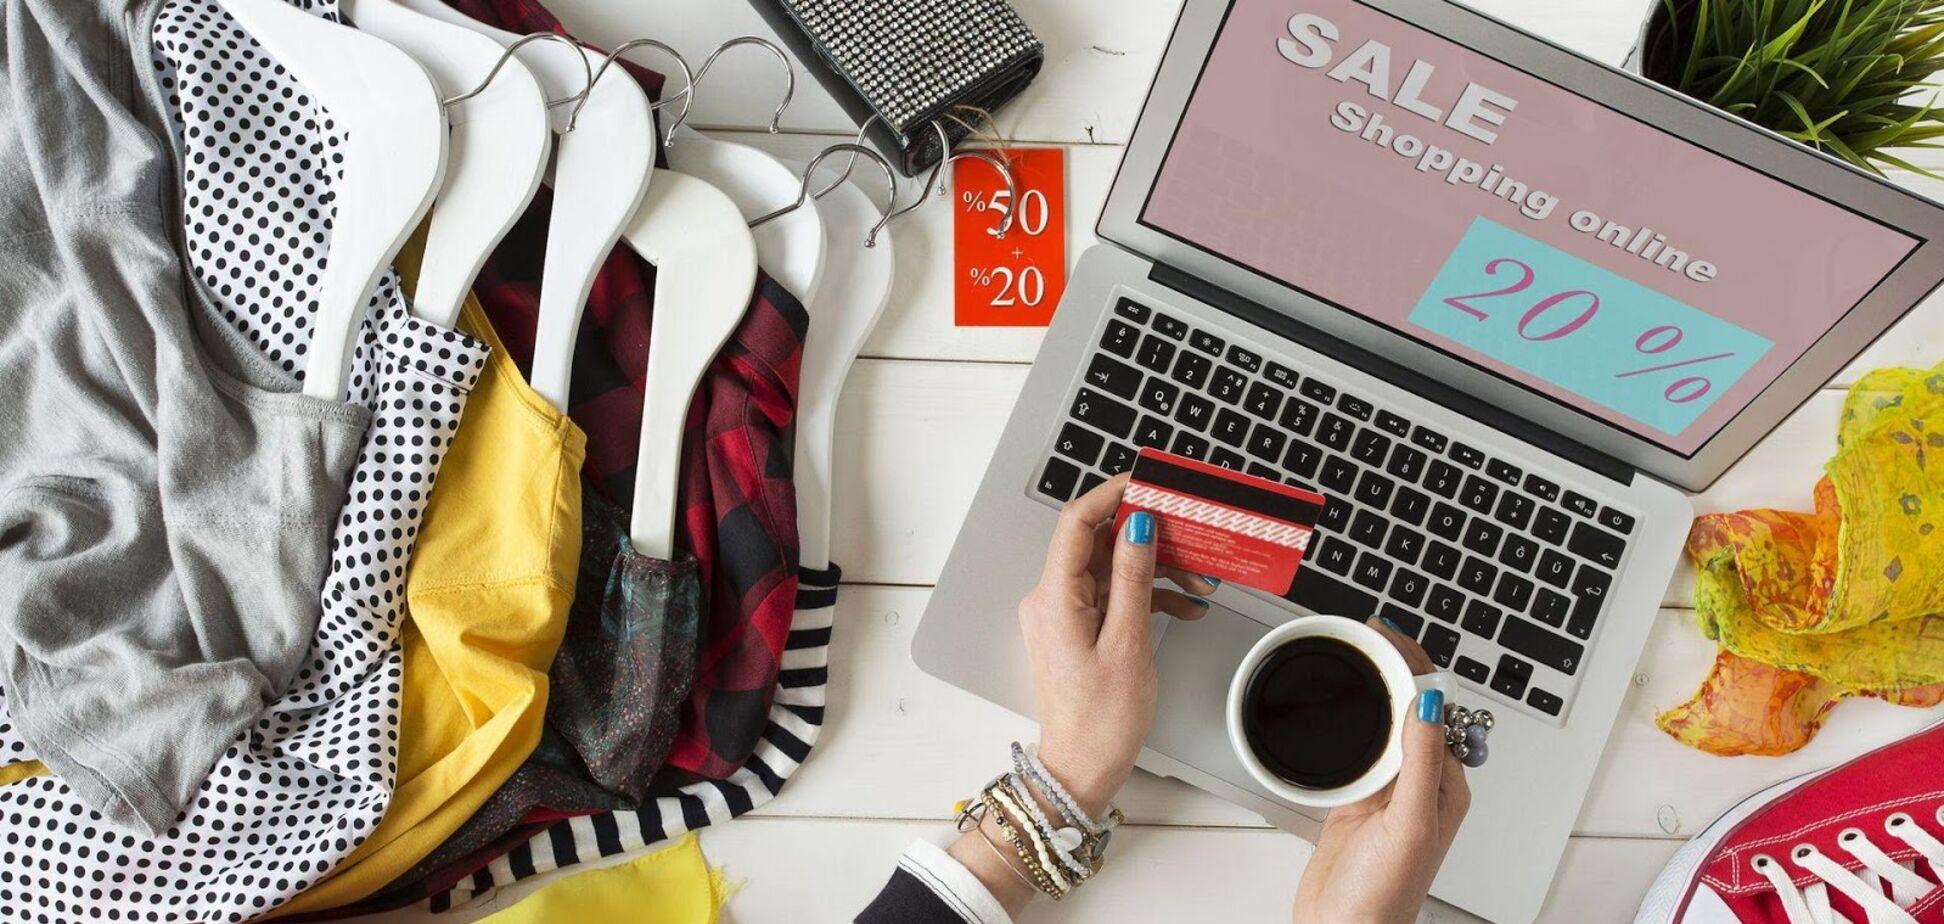 Онлайн-шопинг к лету. Источник: (rau.ua)